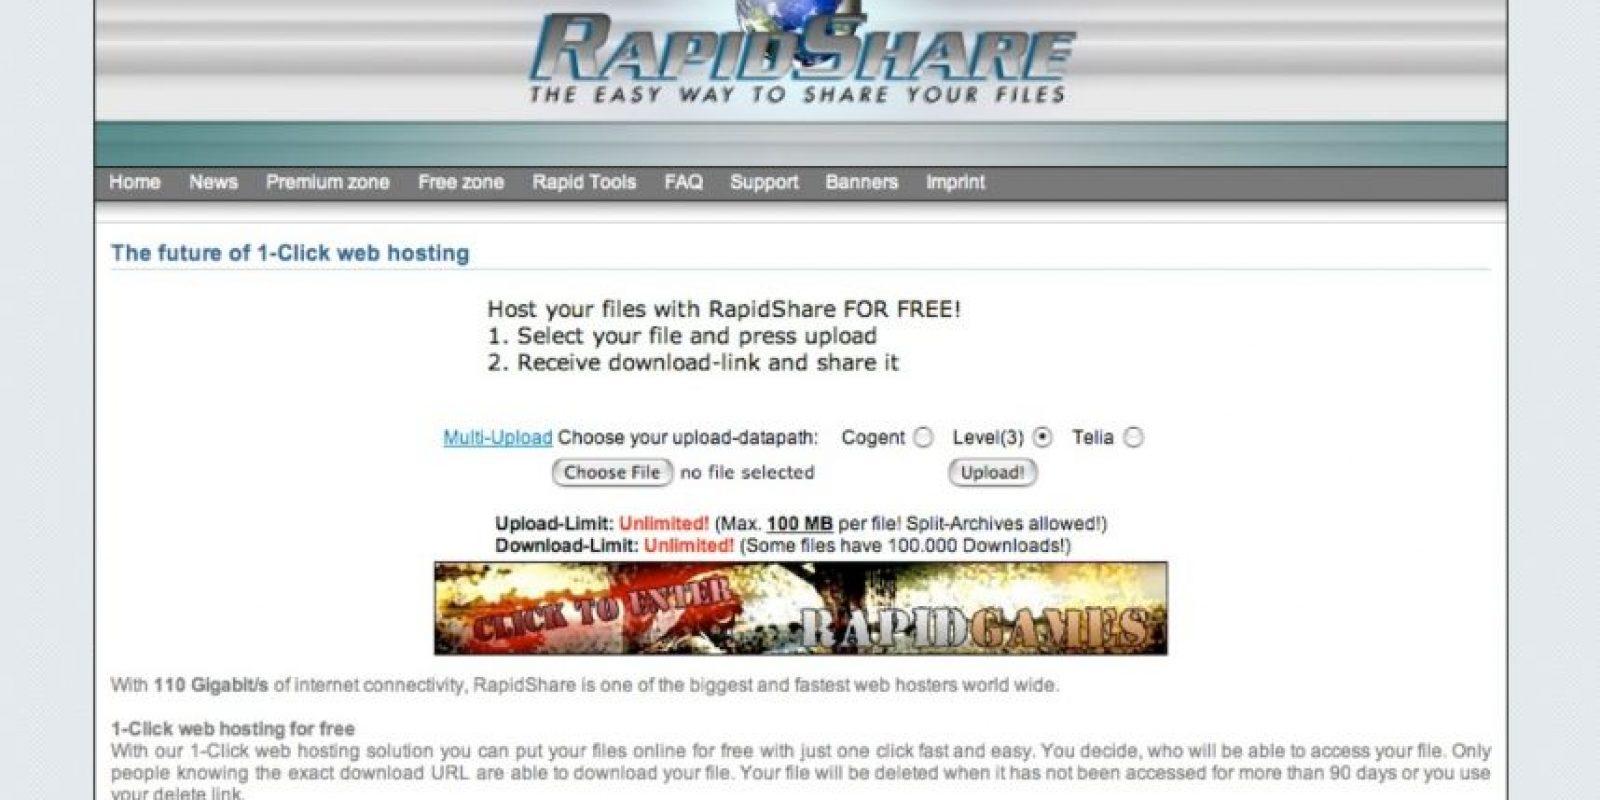 Rapidshare anunció su cierre este mes de febrero, tras 13 años funcionando, por diversos problemas legales debido a violaciones a los derechos de autor. Foto:Rapidshare